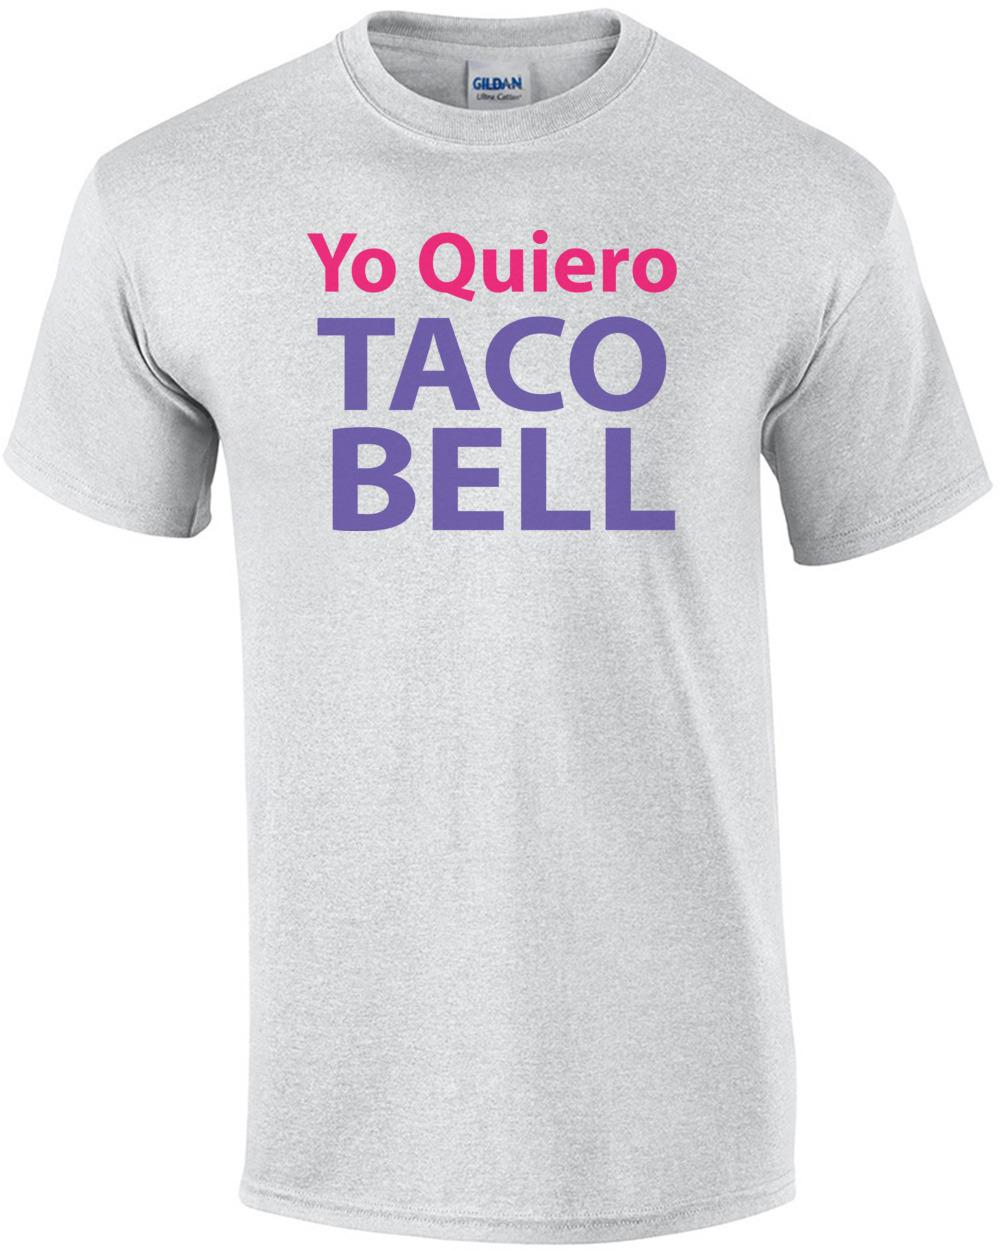 370a17d5 Yo Quiero Taco Bell T-shirt